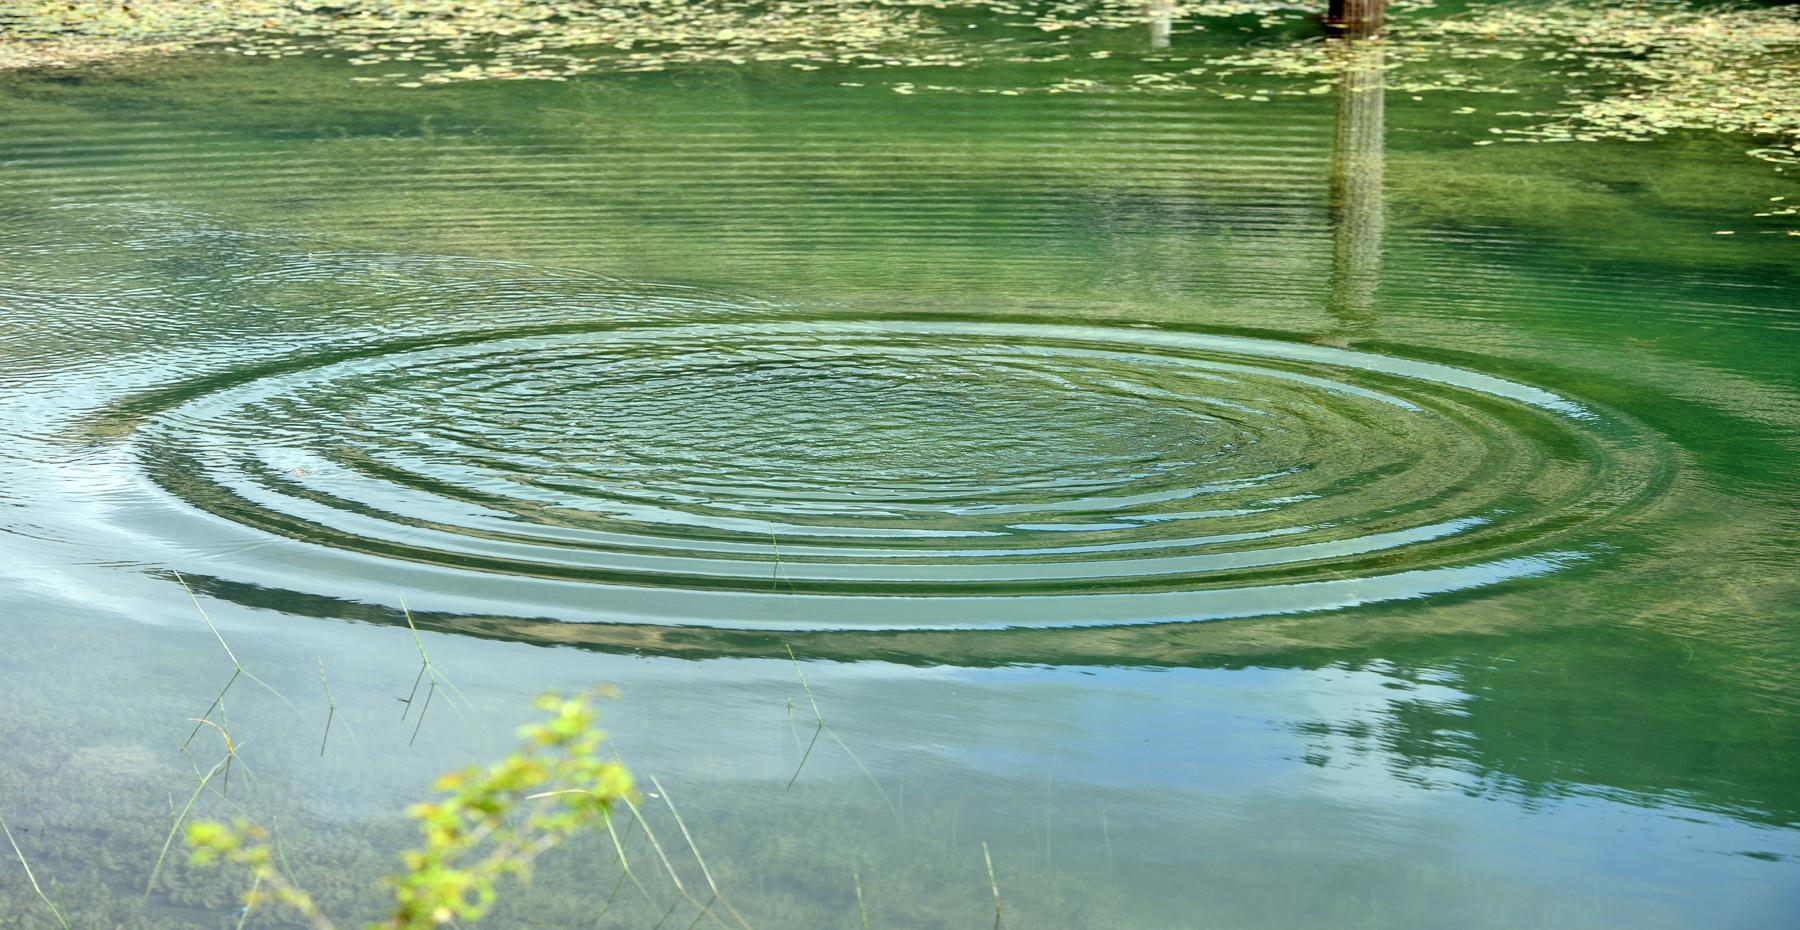 De watervriendelijke tuin blijft ook in het nieuwe jaar een belangrijk thema. Hoe integreren wij een goede waterhuishouding in onze tuinontwerpen?